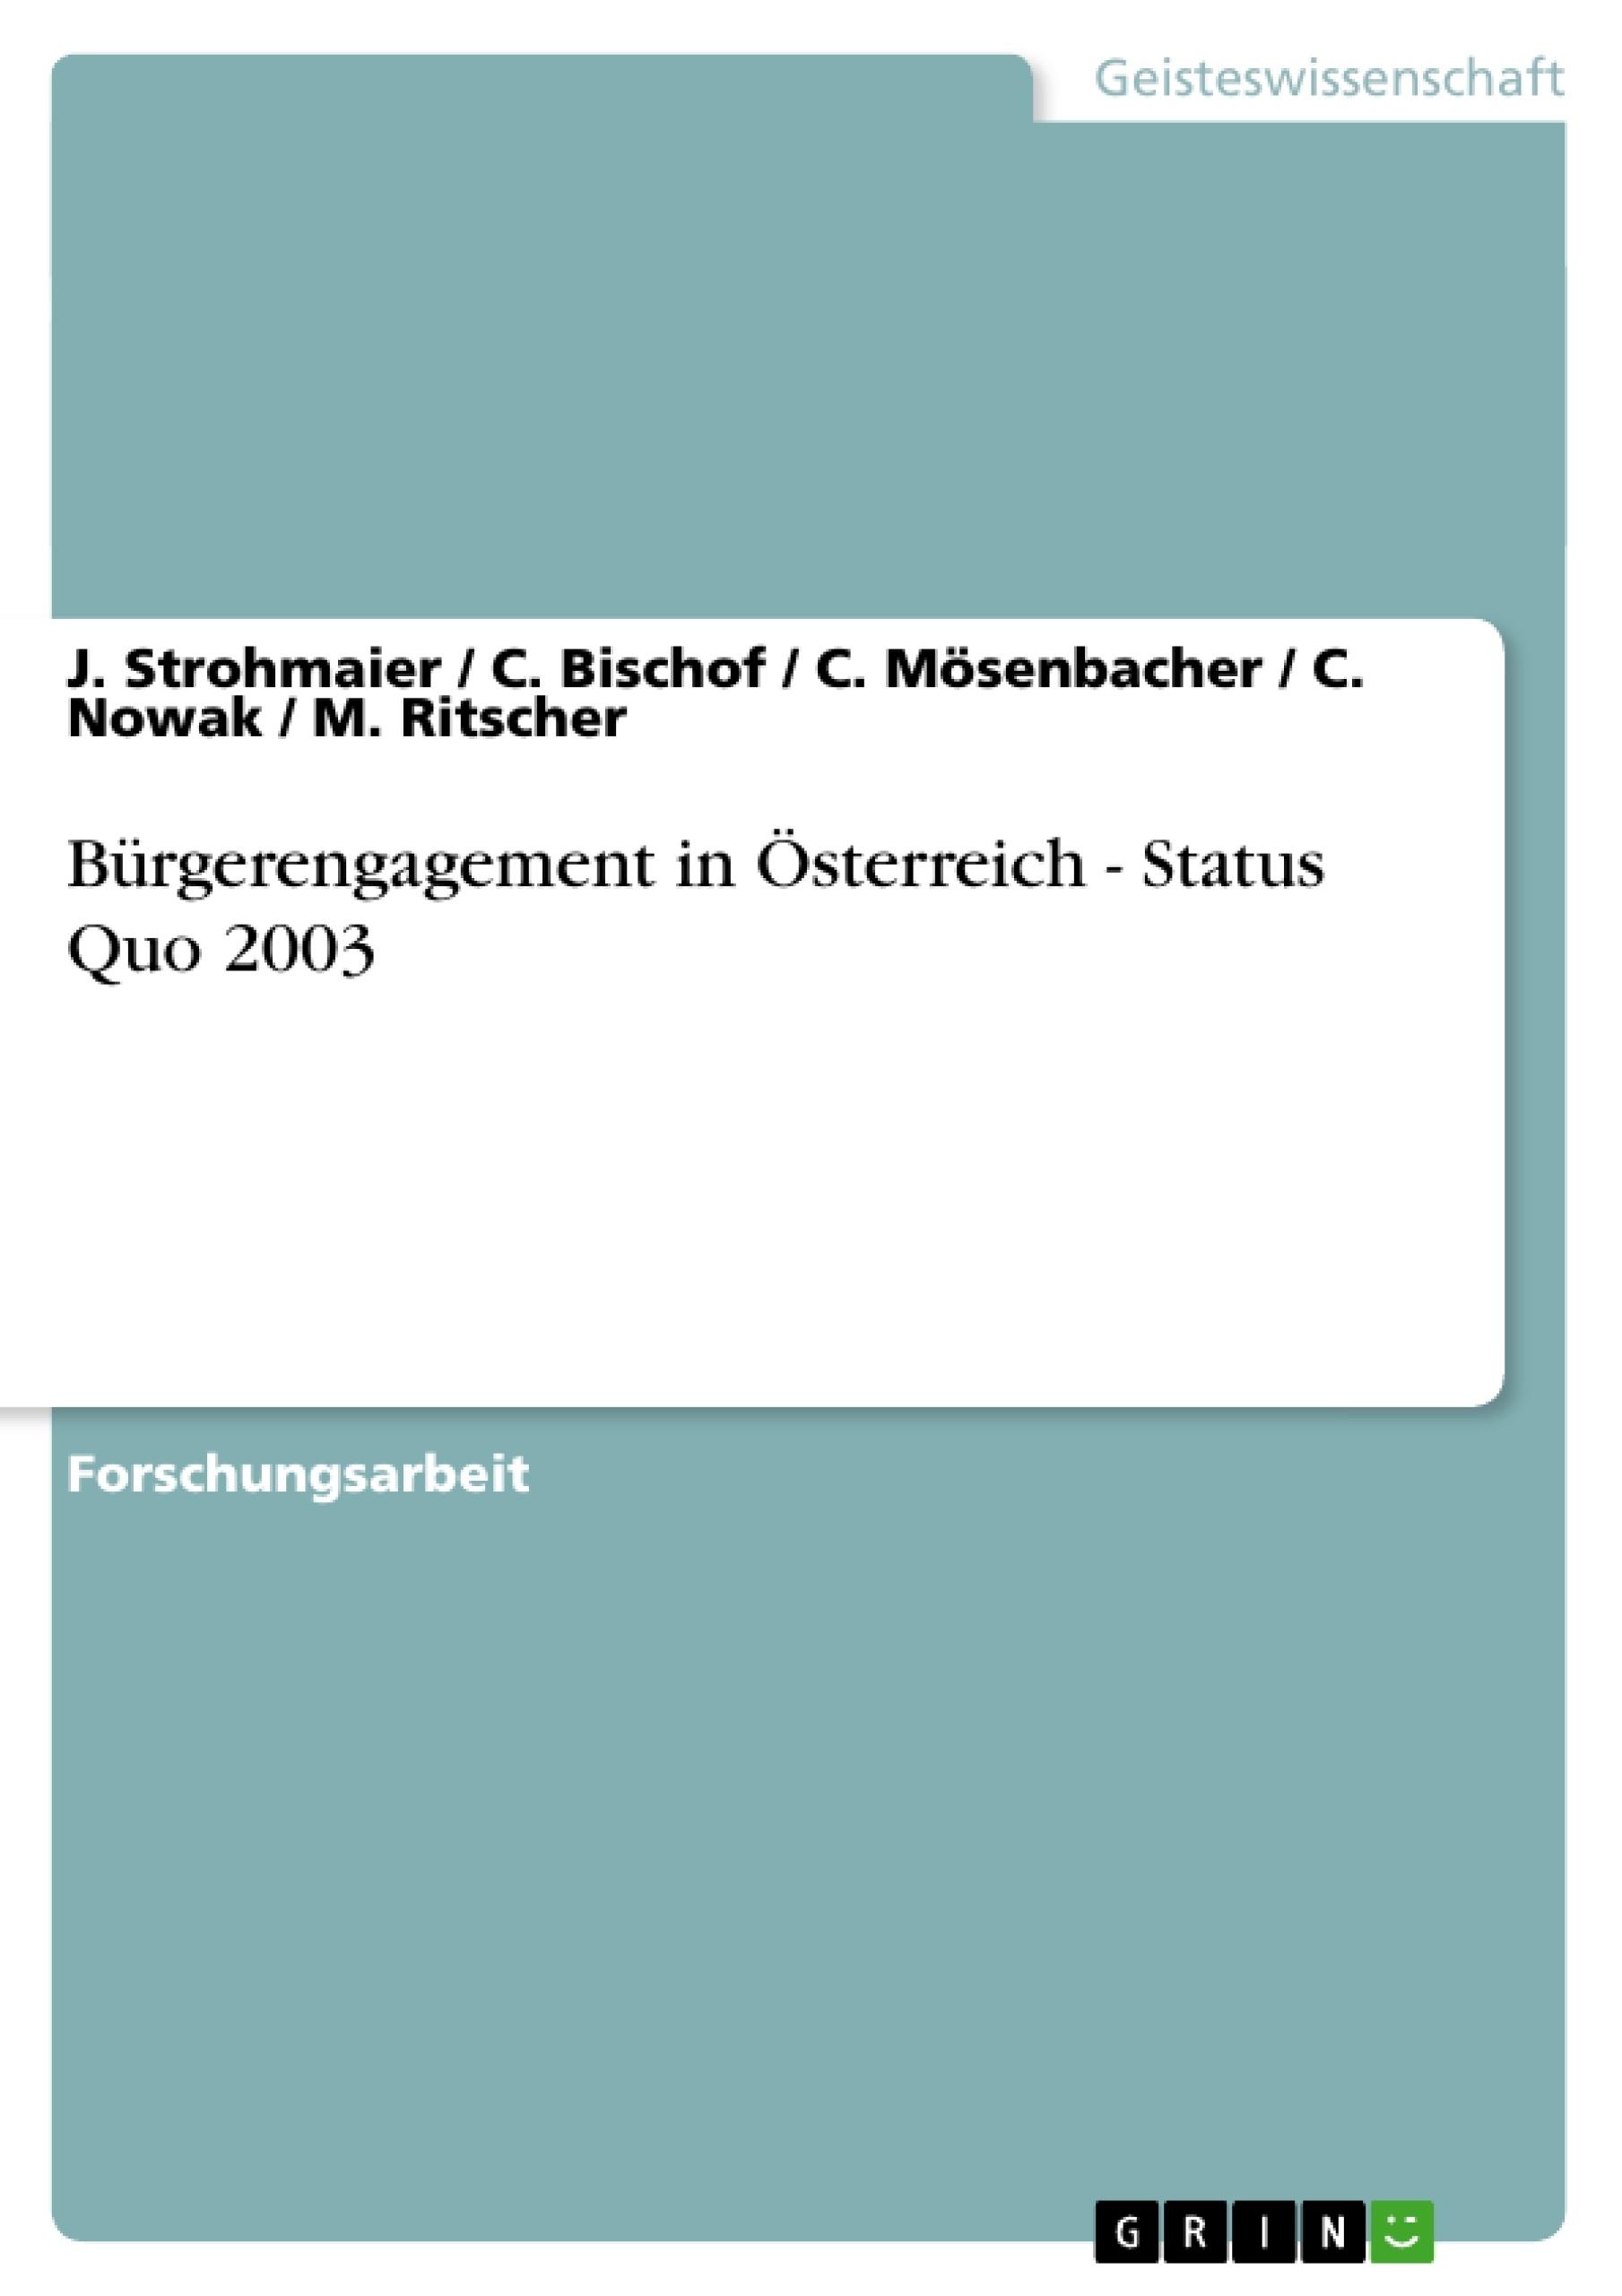 Titel: Bürgerengagement in Österreich - Status Quo 2003